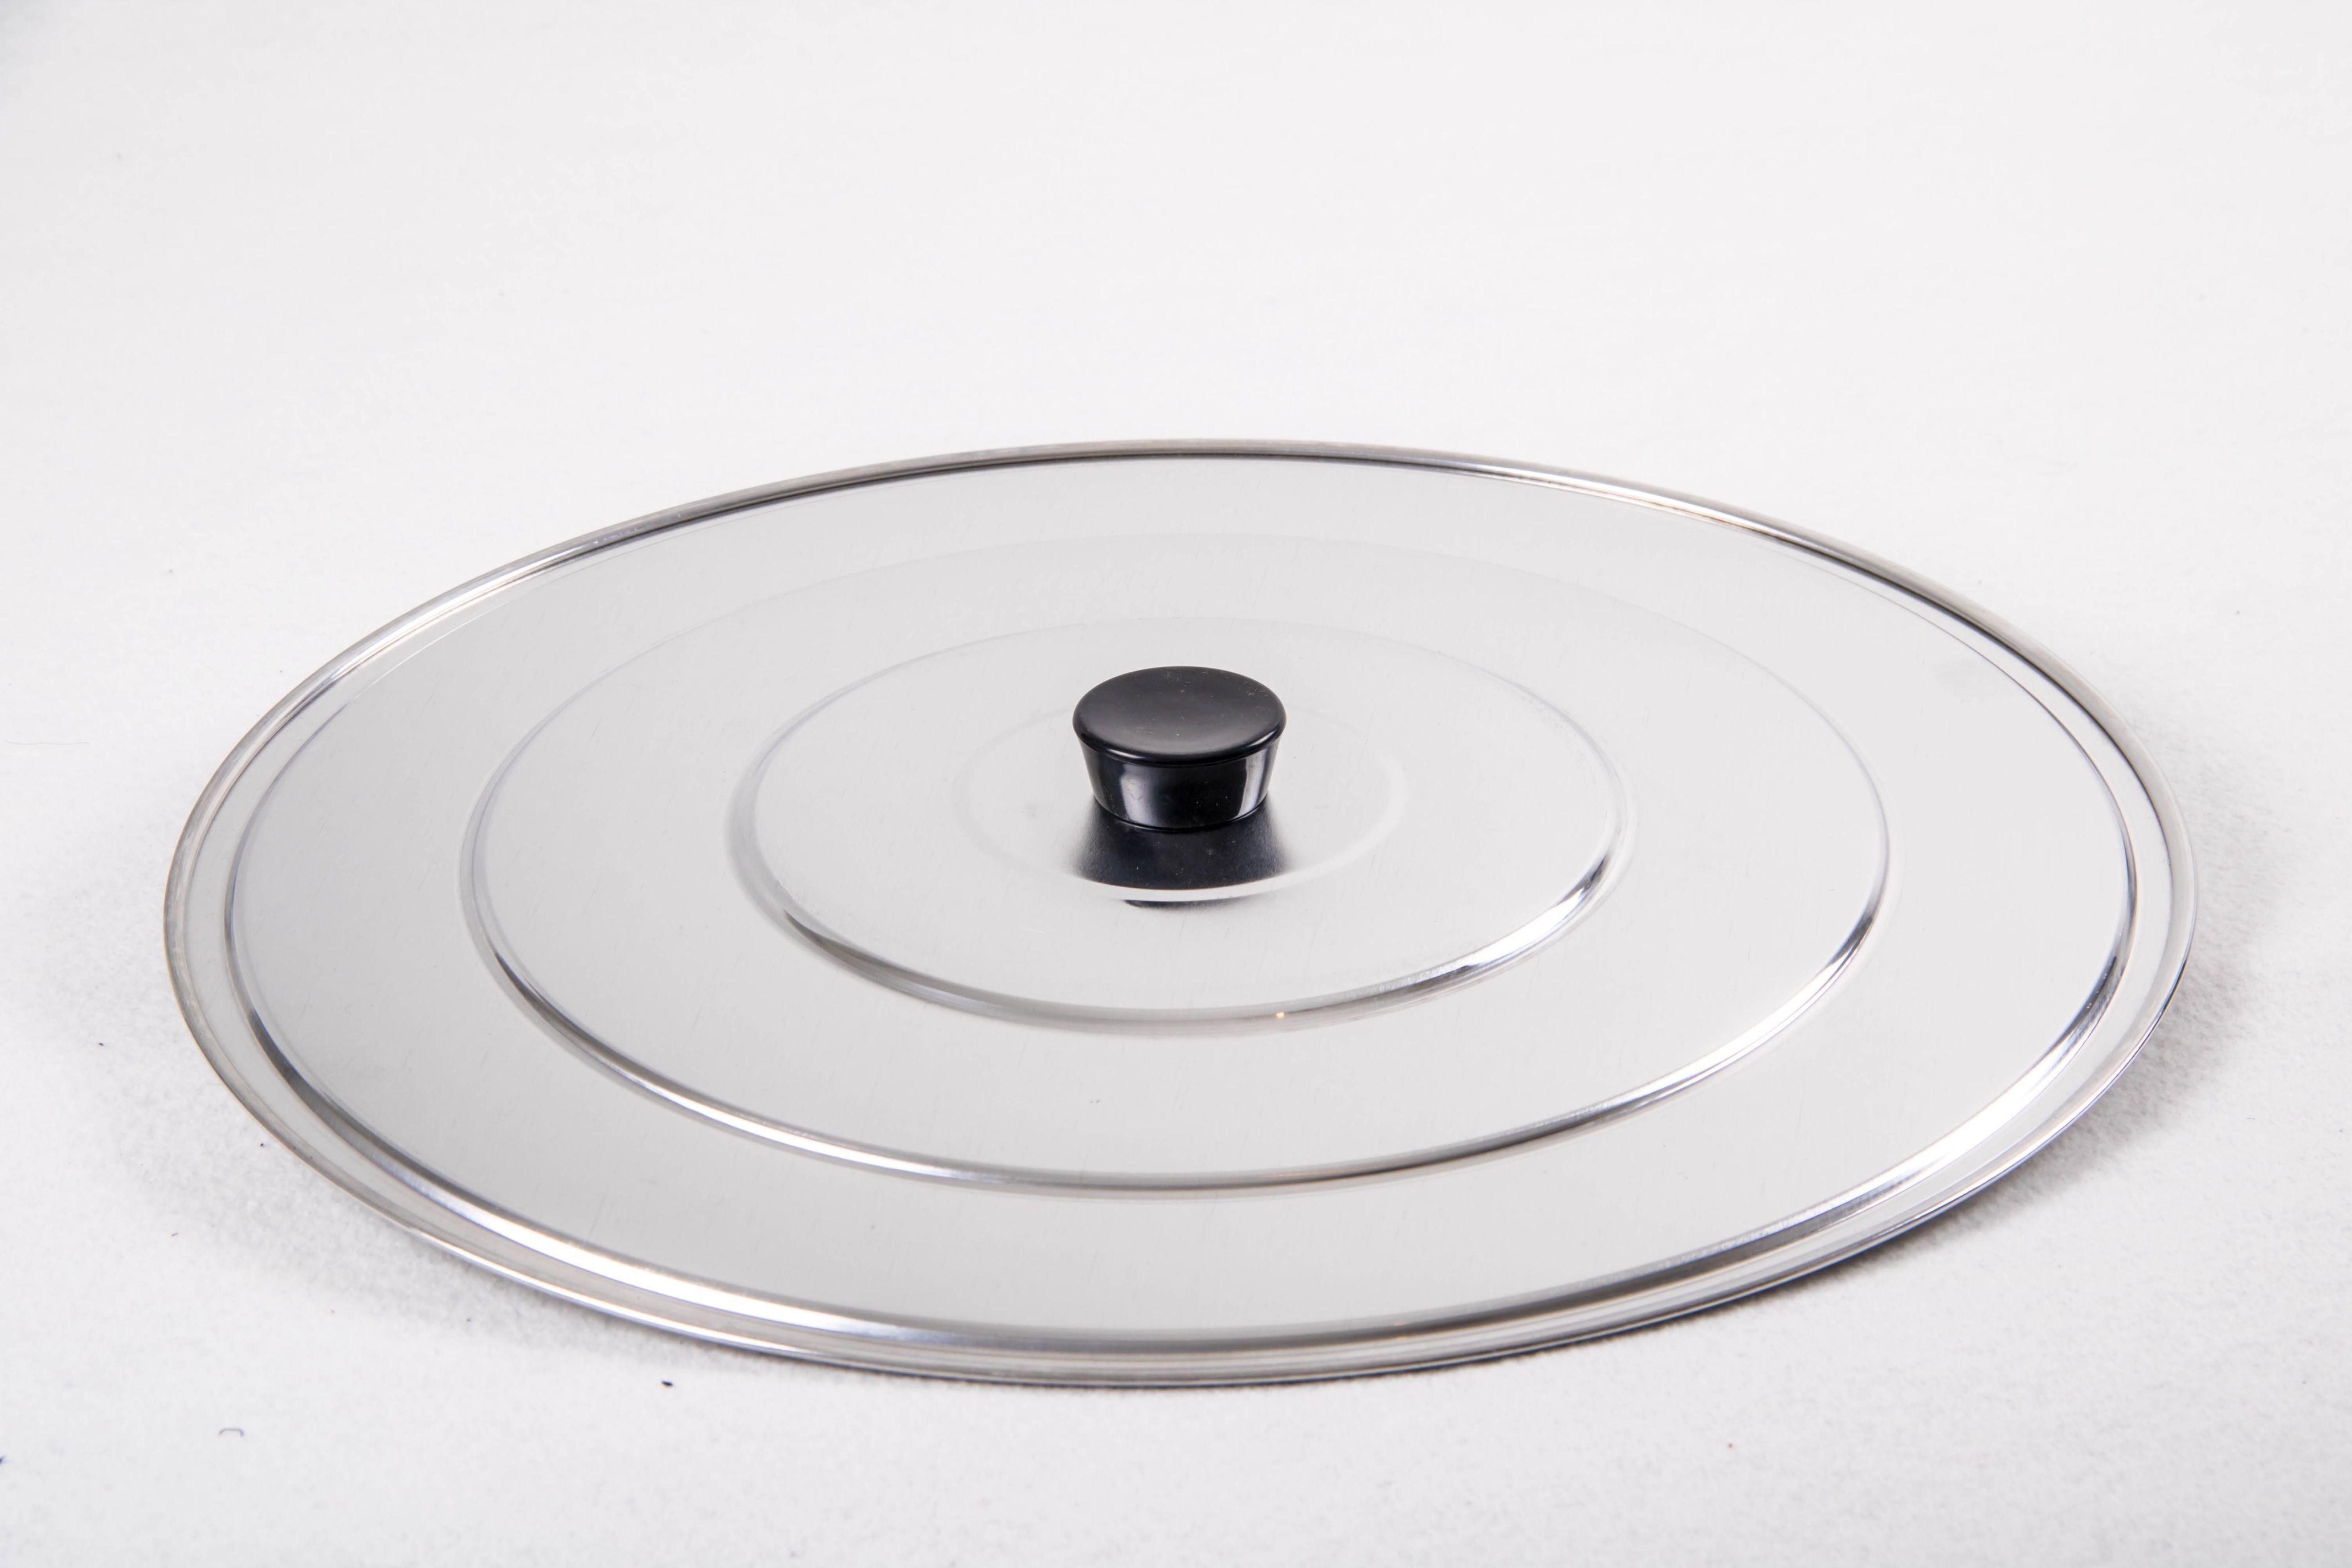 Garcima Couvercle pour poêle à paella 50 cm